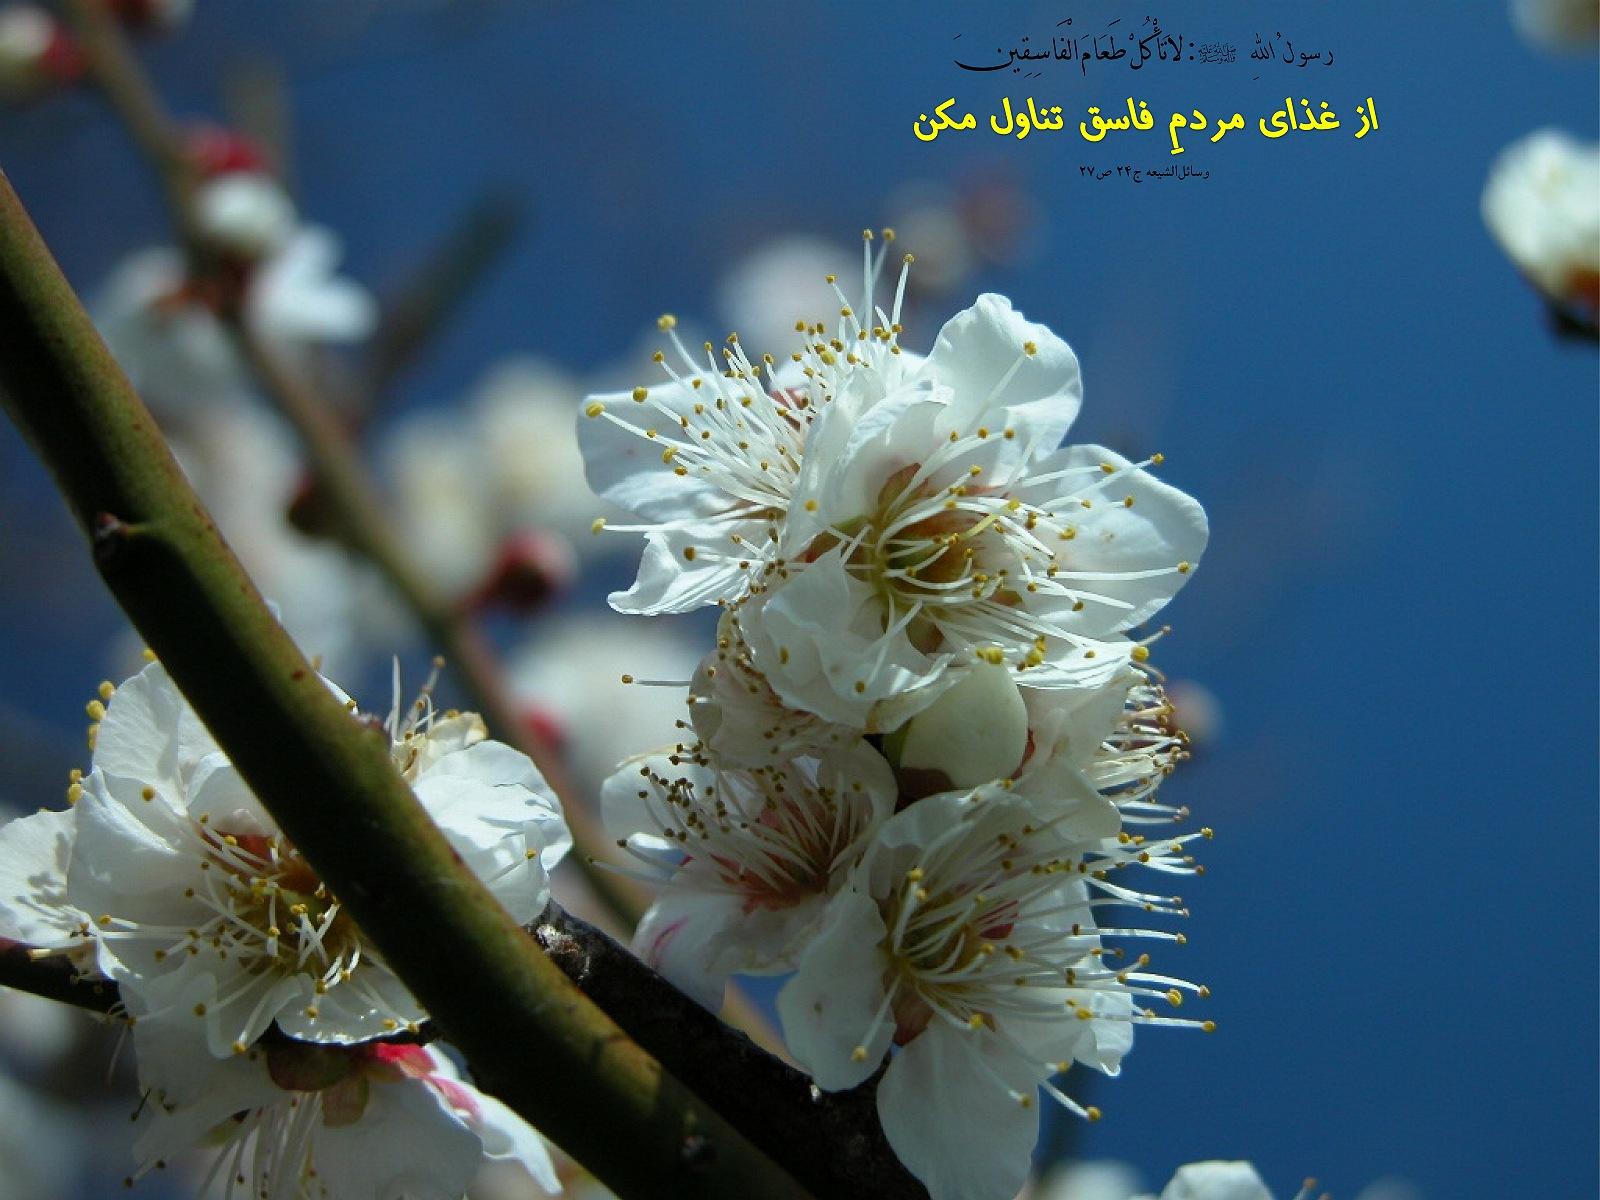 http://anti211.persiangig.com/hidith-tasviri/641Hadis%20H181.jpg